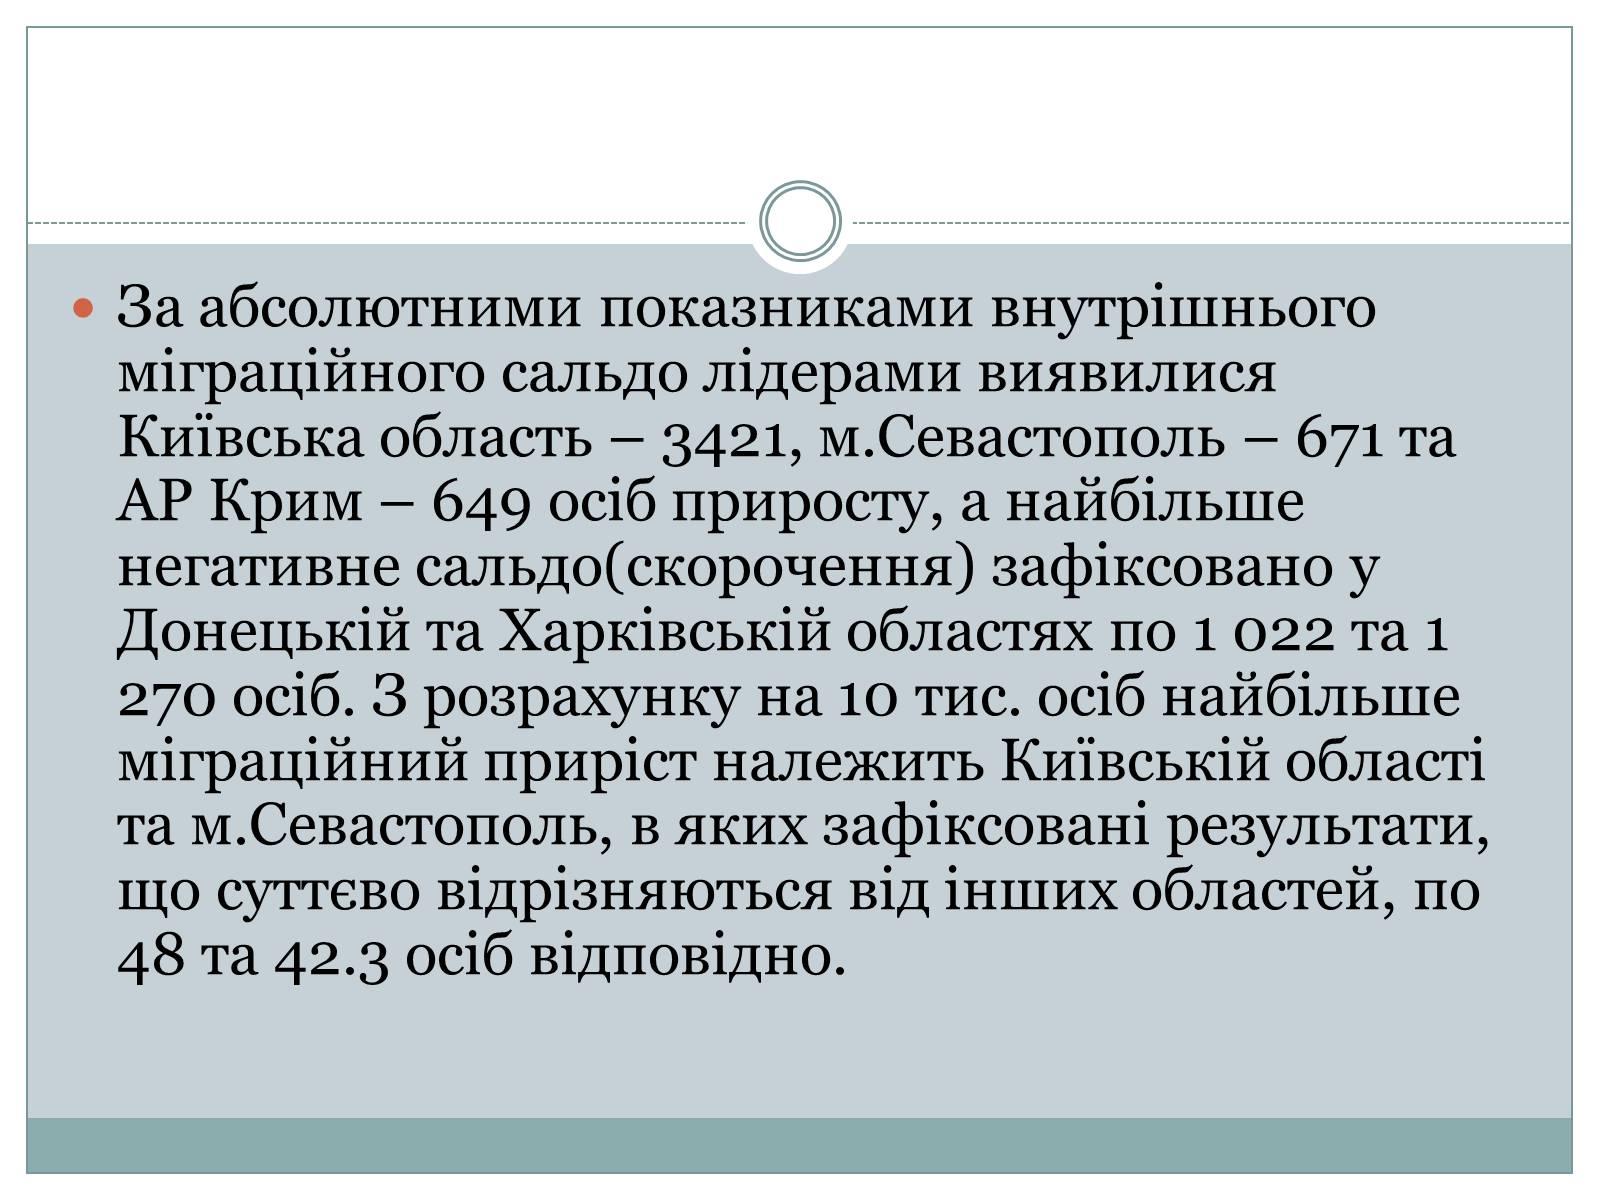 Презентація на тему «Міграційні процеси в Україні у 2013 році» - Слайд  7 abb84d4c33ab8